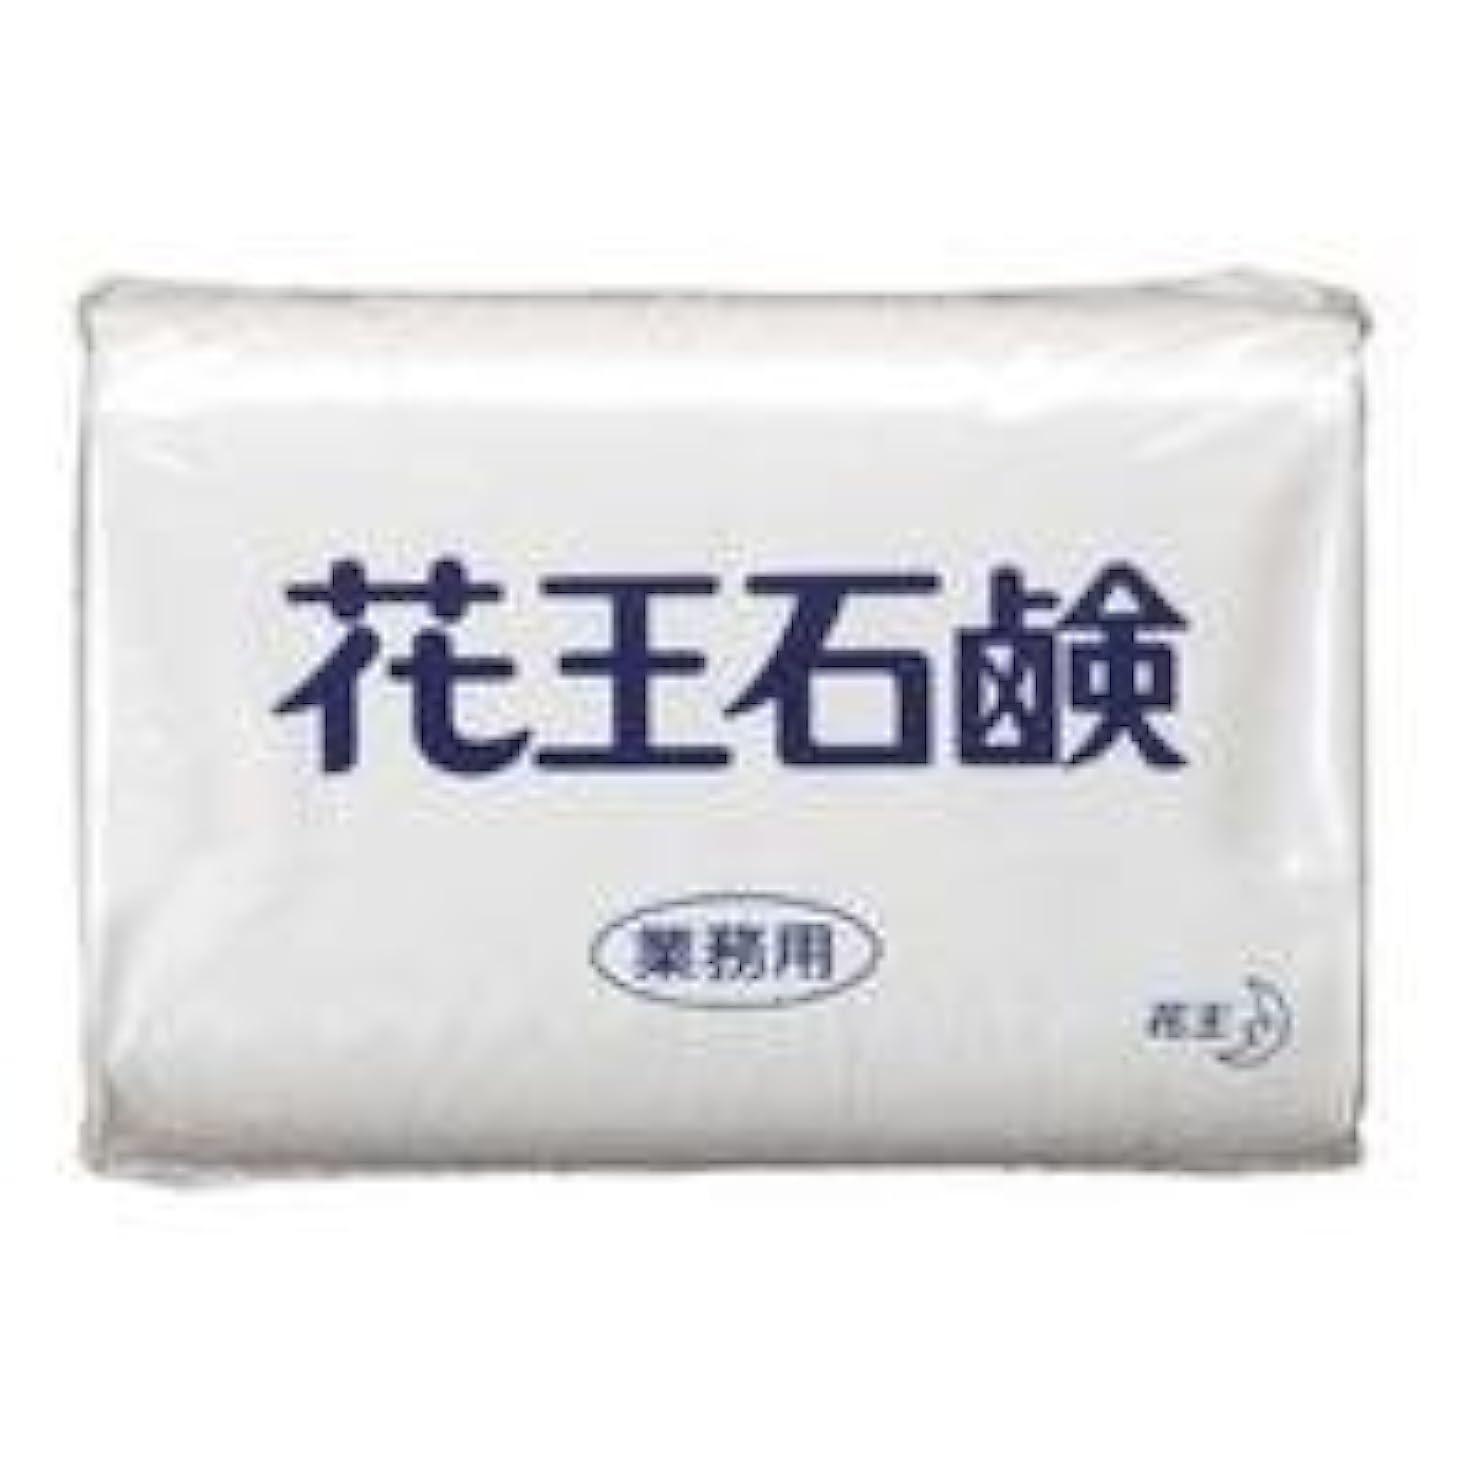 漏れ思春期のアニメーション業務用石鹸 85g 3個×40パック(120個入り)